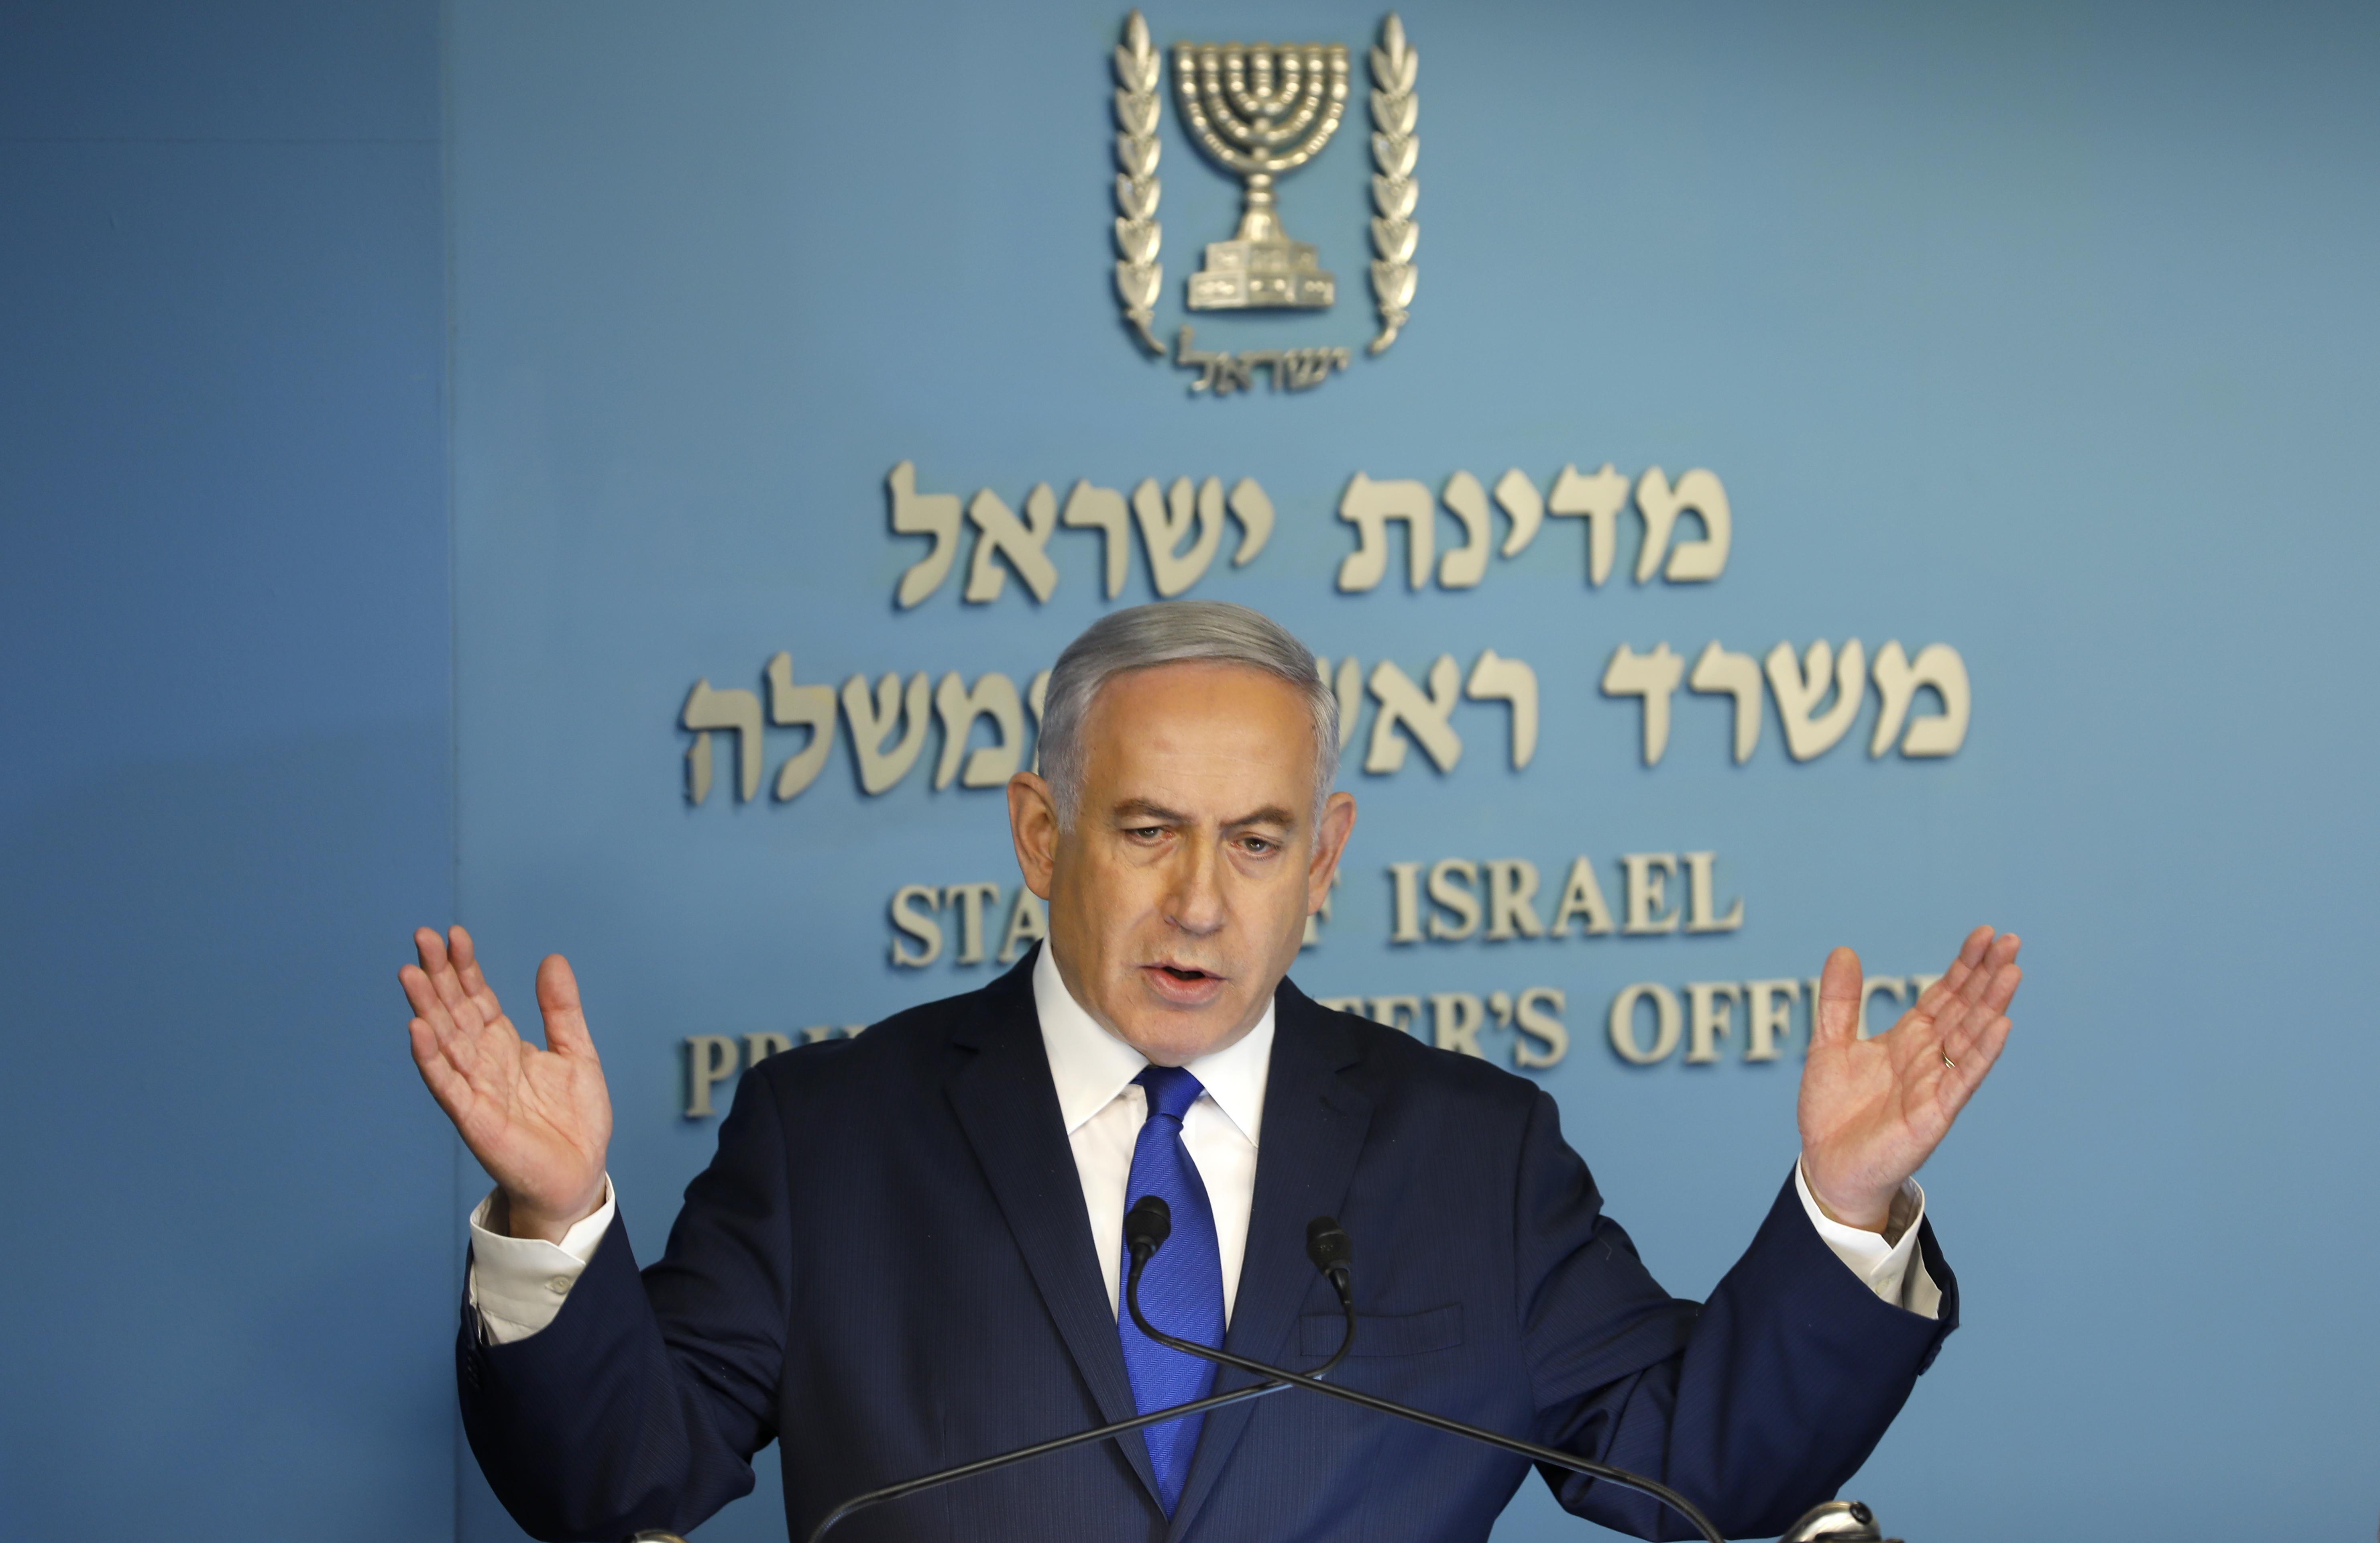 Netanjahu bejelentette, hogy a nyugati országok afrikai menekülteket vesznek majd át tőlük, de erről az adott országokban senki nem tud